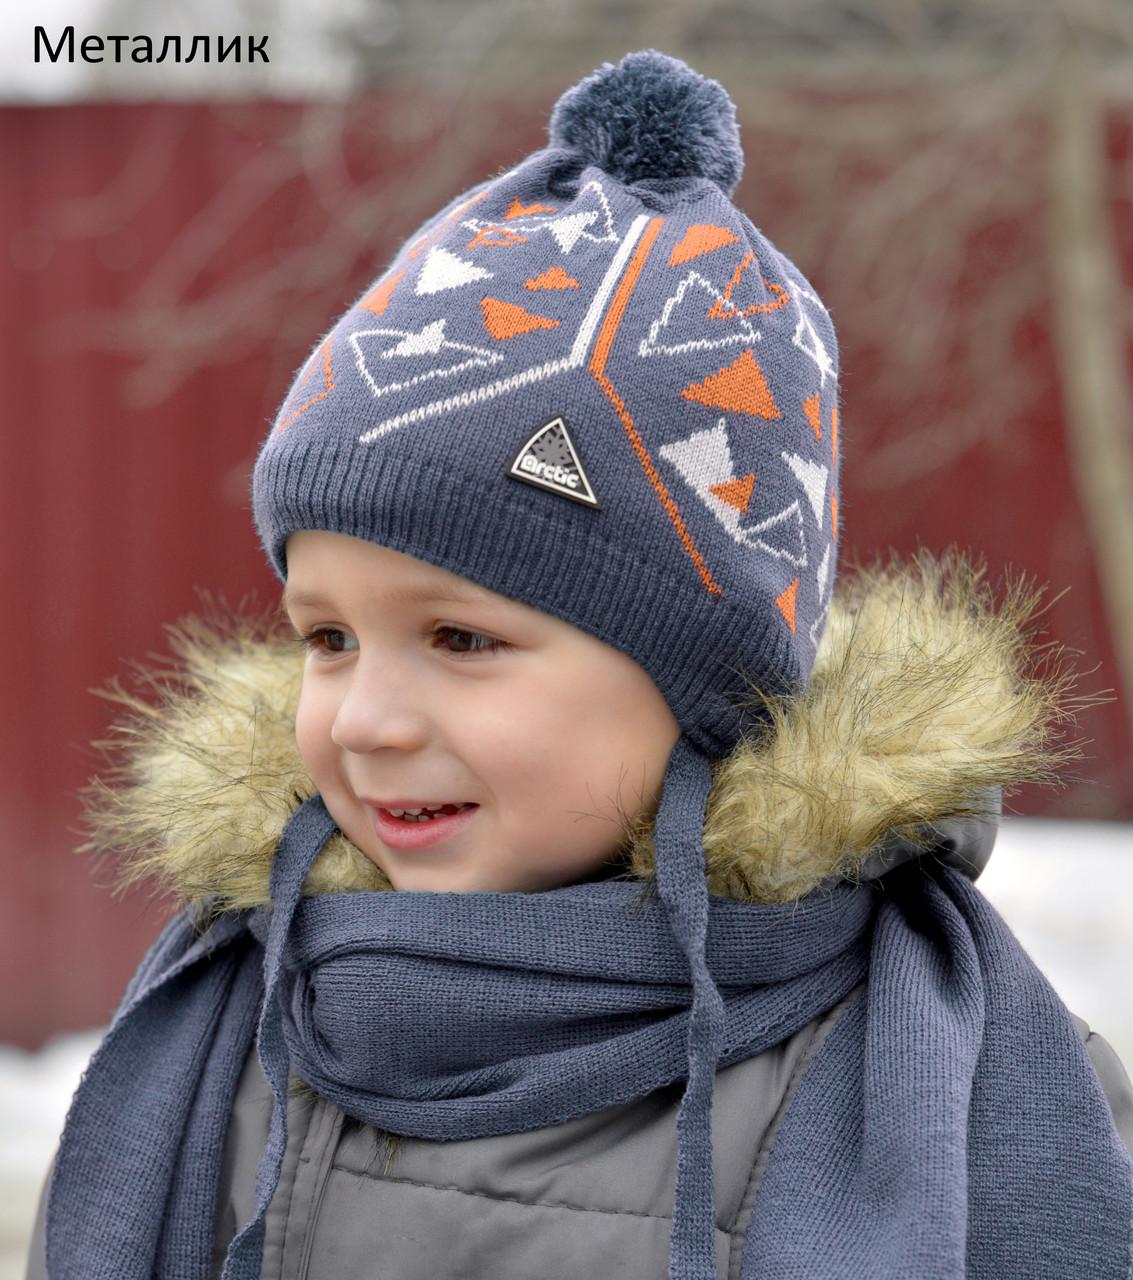 060 Детская шапка Треугольник.Двойная вязка.р.48-52 (2-4 года). Внутри х/б.